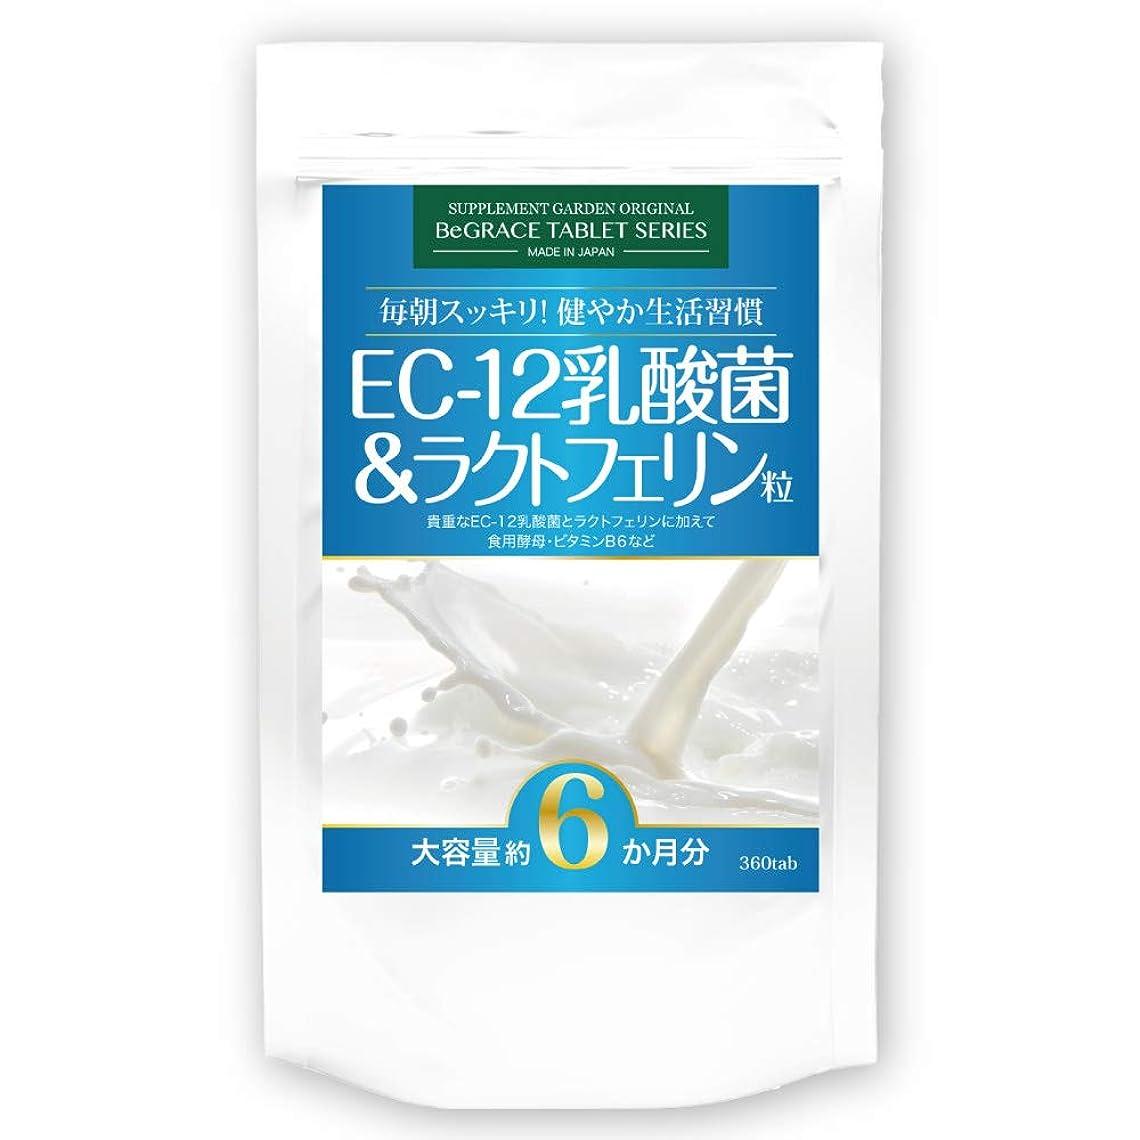 津波スチュワーデスインセンティブEC-12乳酸菌&ラクトフェリン粒 大容量約6ヶ月分/360粒(EC-12乳酸菌、ラクトフェリン、ビール酵母、ホエイプロテイン、ビタミンB6)